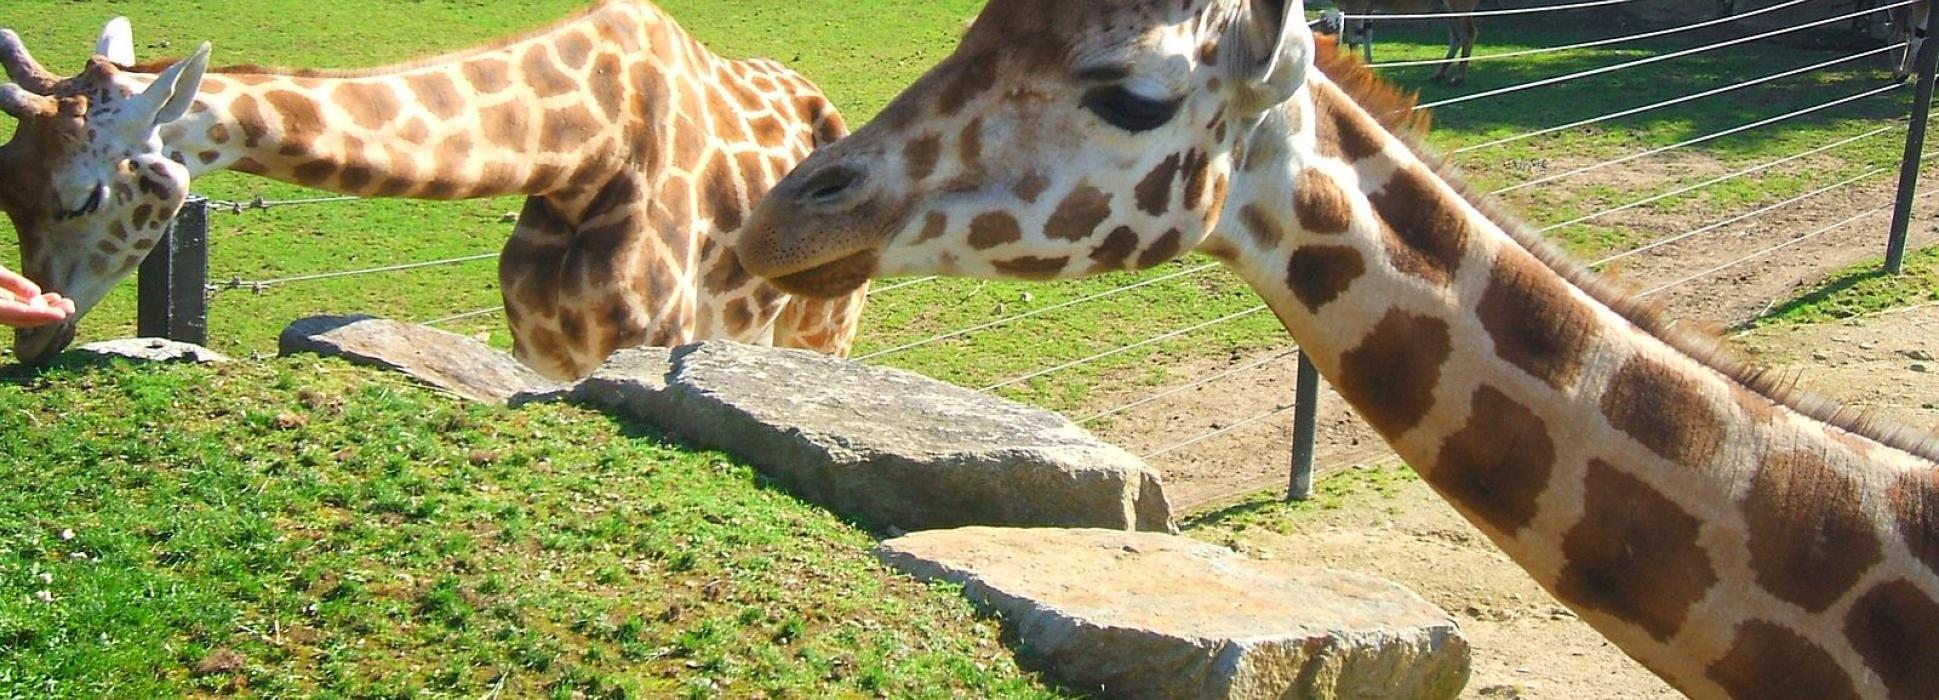 En Lorient, la ONG Rewild compra el zoo de Pont-Scorff